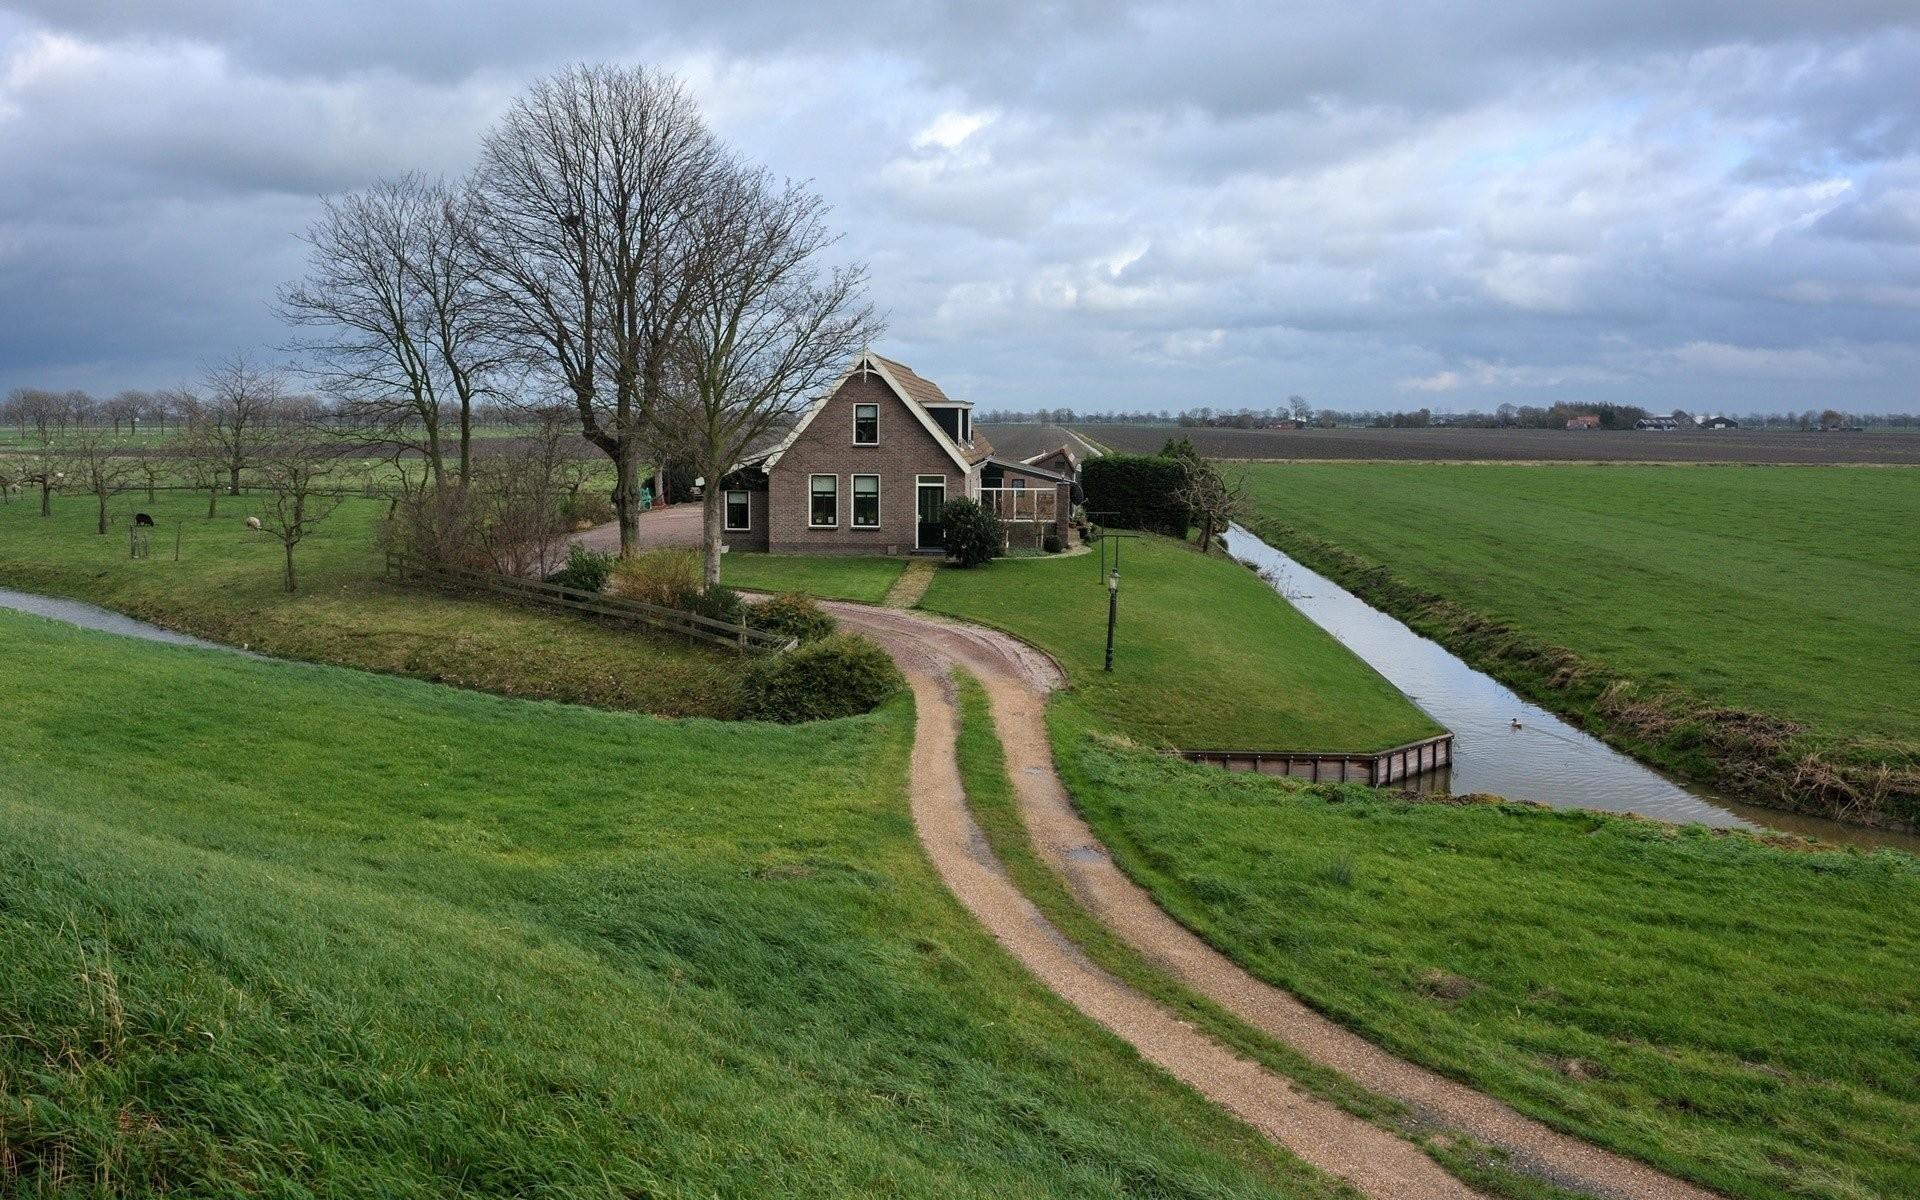 Res: 1920x1200, farm house hd